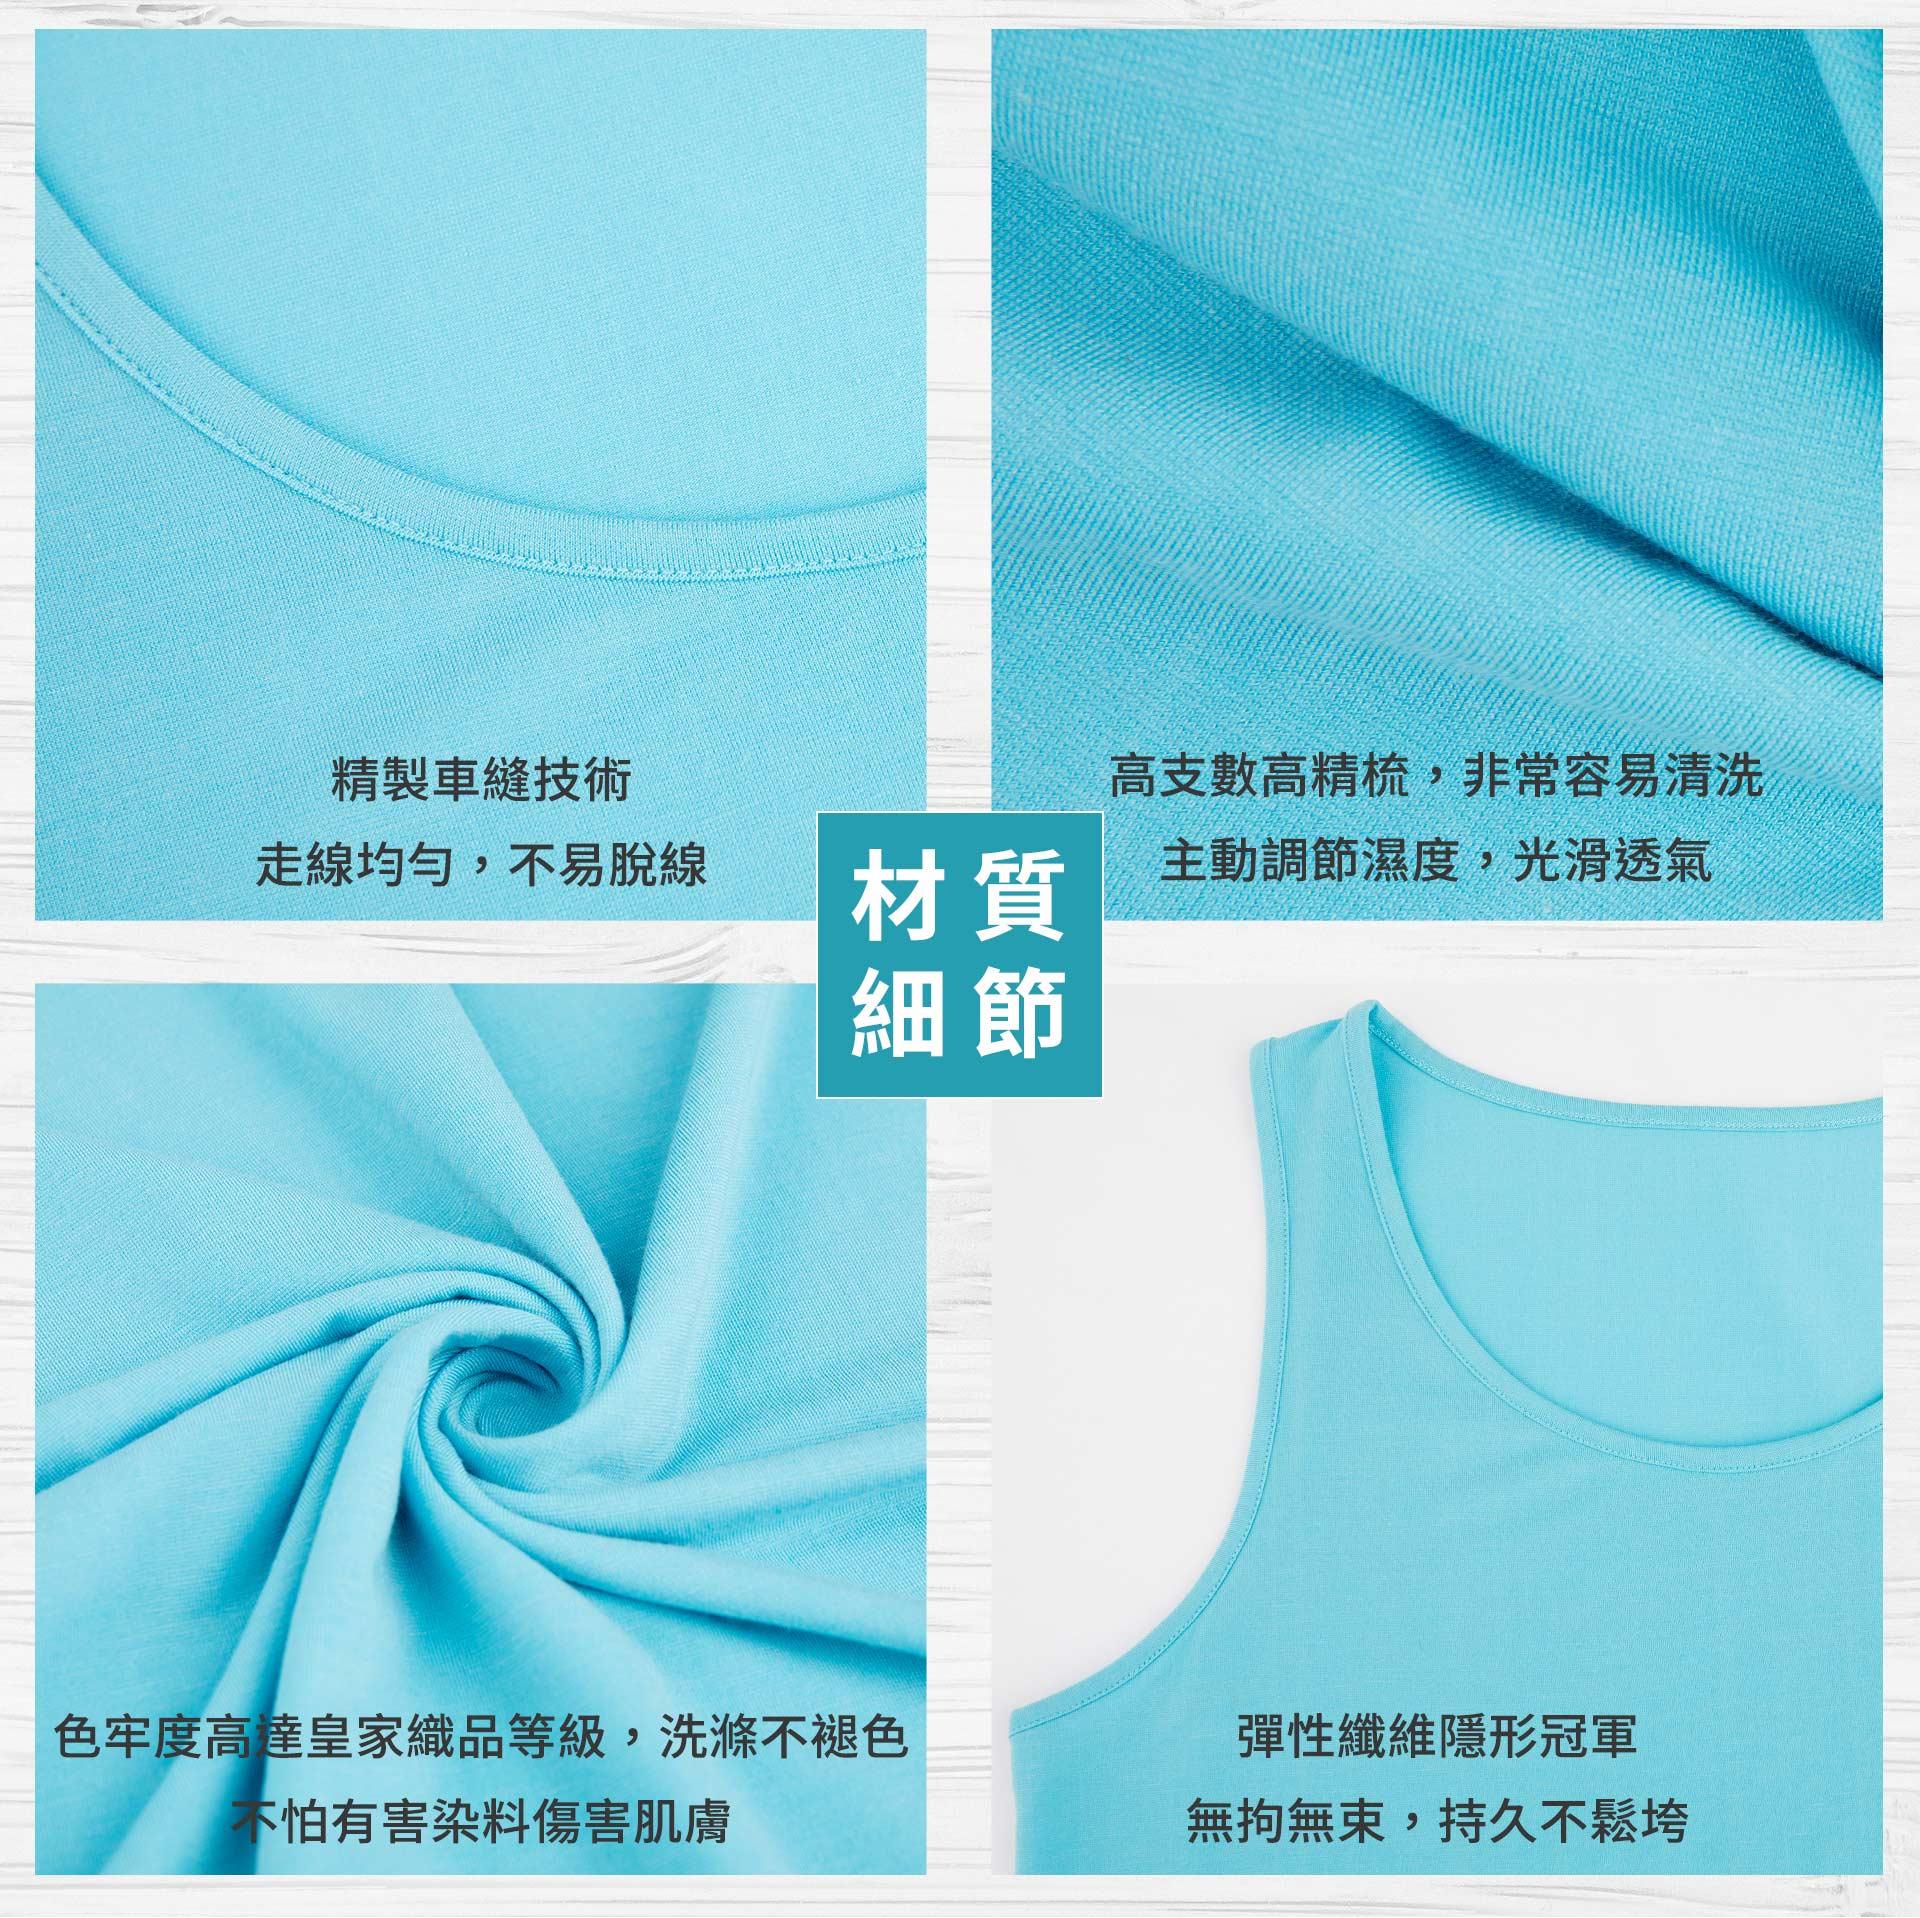 Pure5.5酸鹼平衡衣